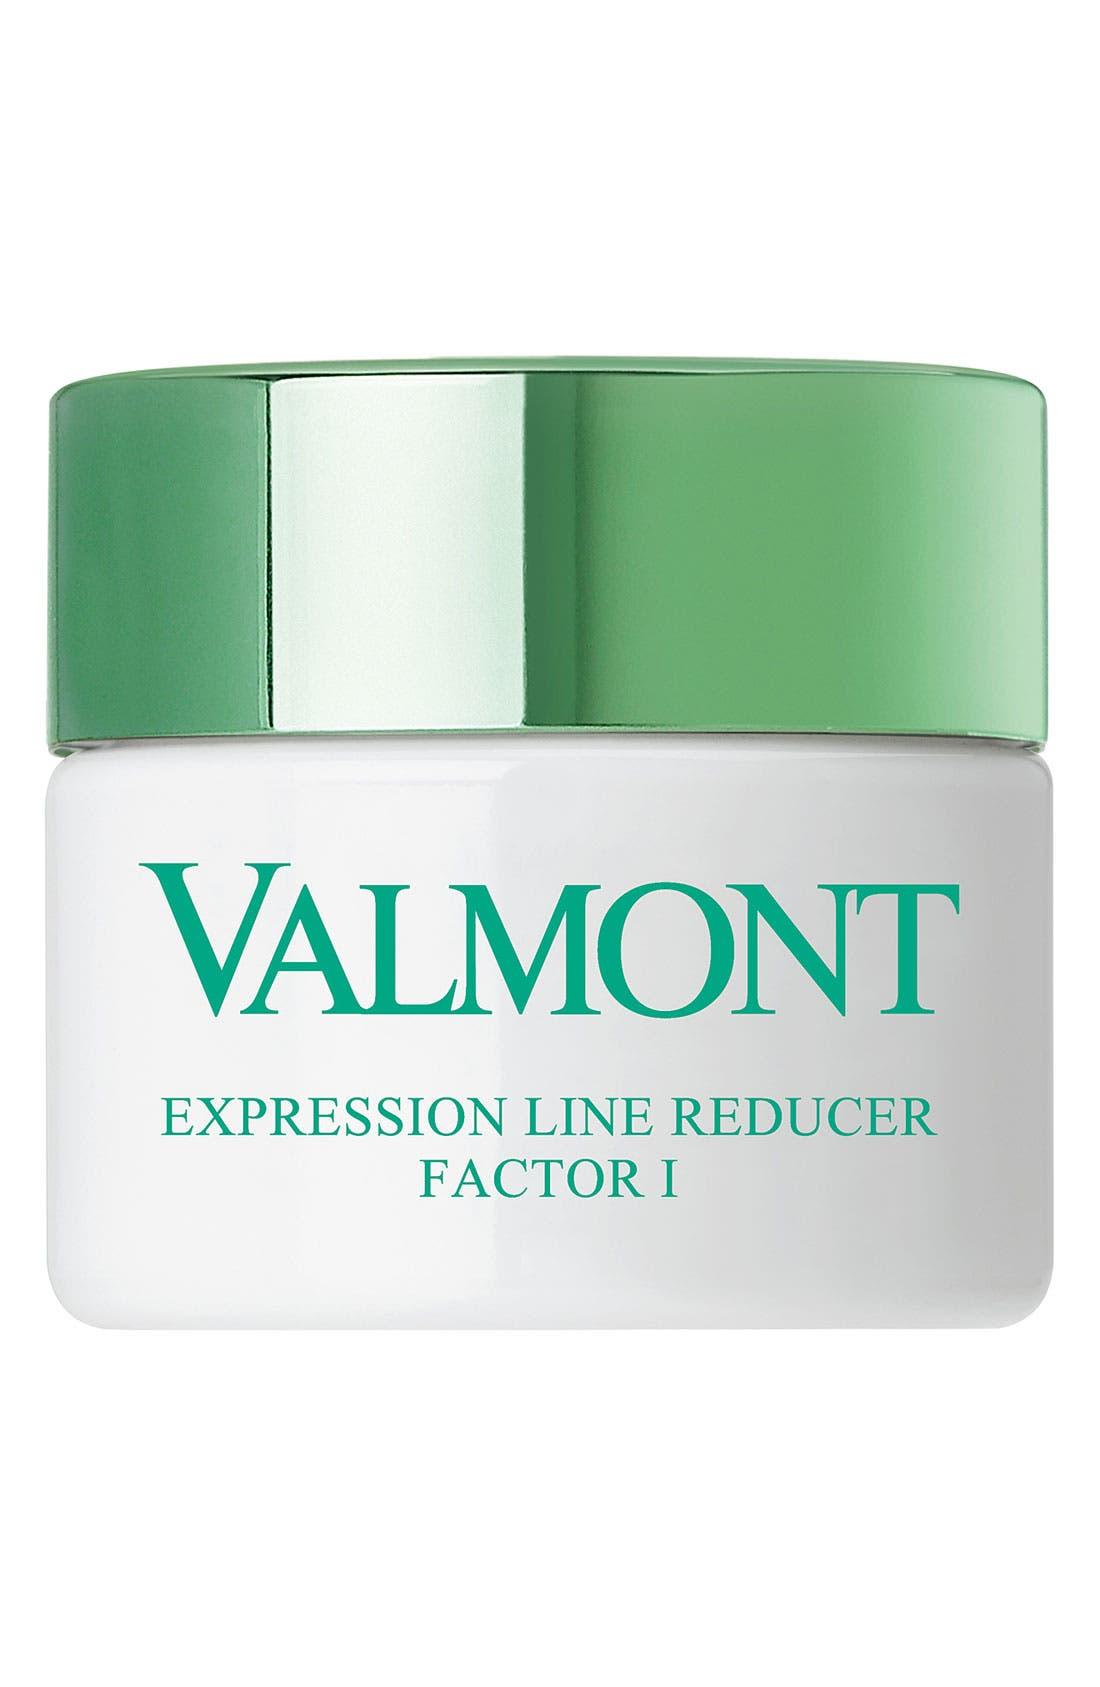 Valmont Expression Line Reducer Factor I